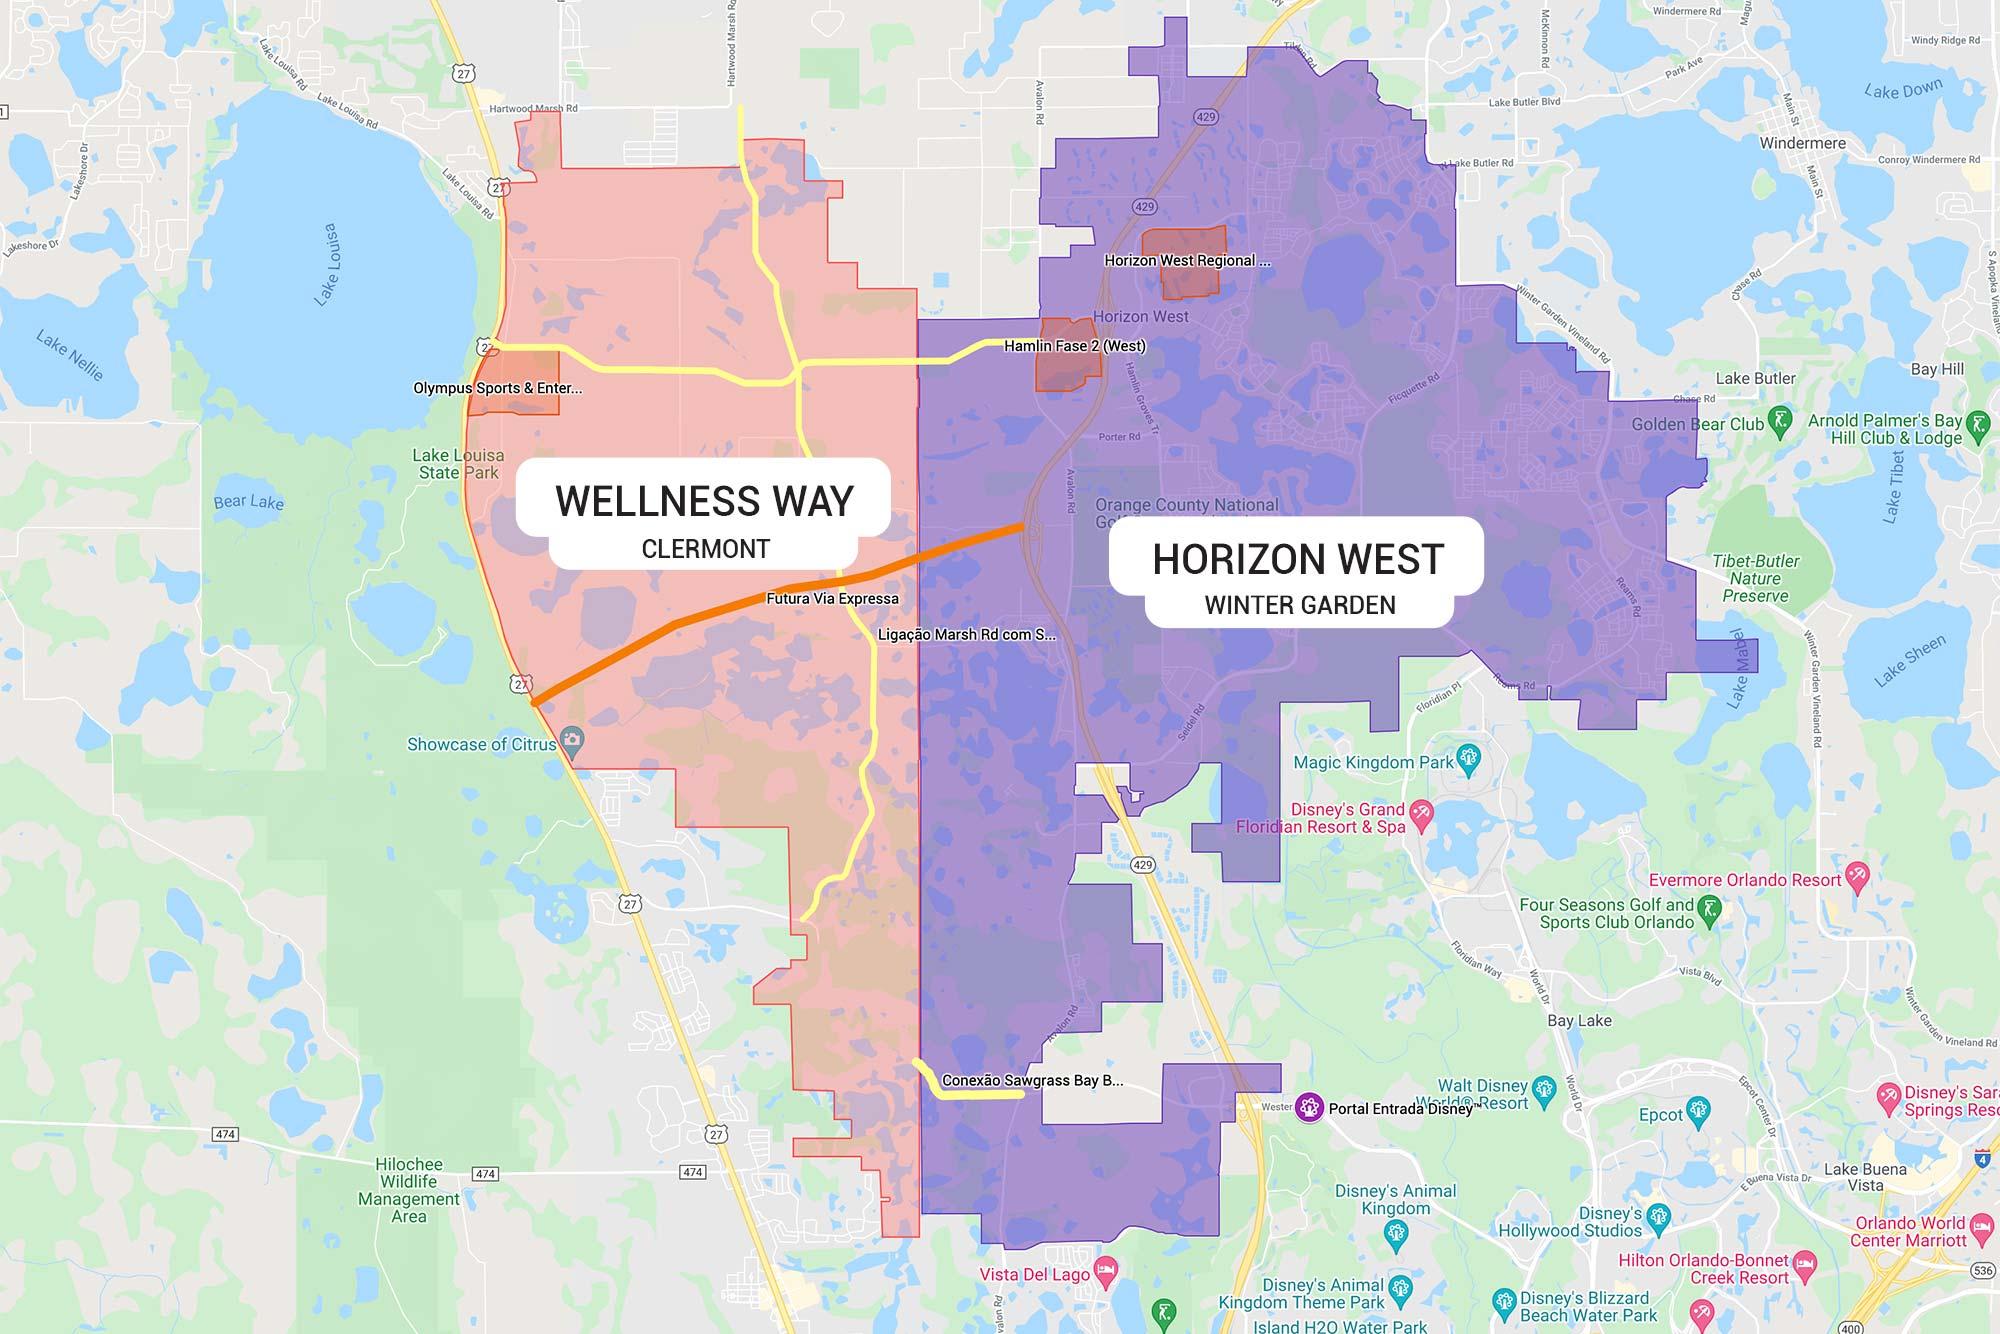 Mapa comparando as áreas de Horizon West em Winter Garden com Wellness Way em Clermont.